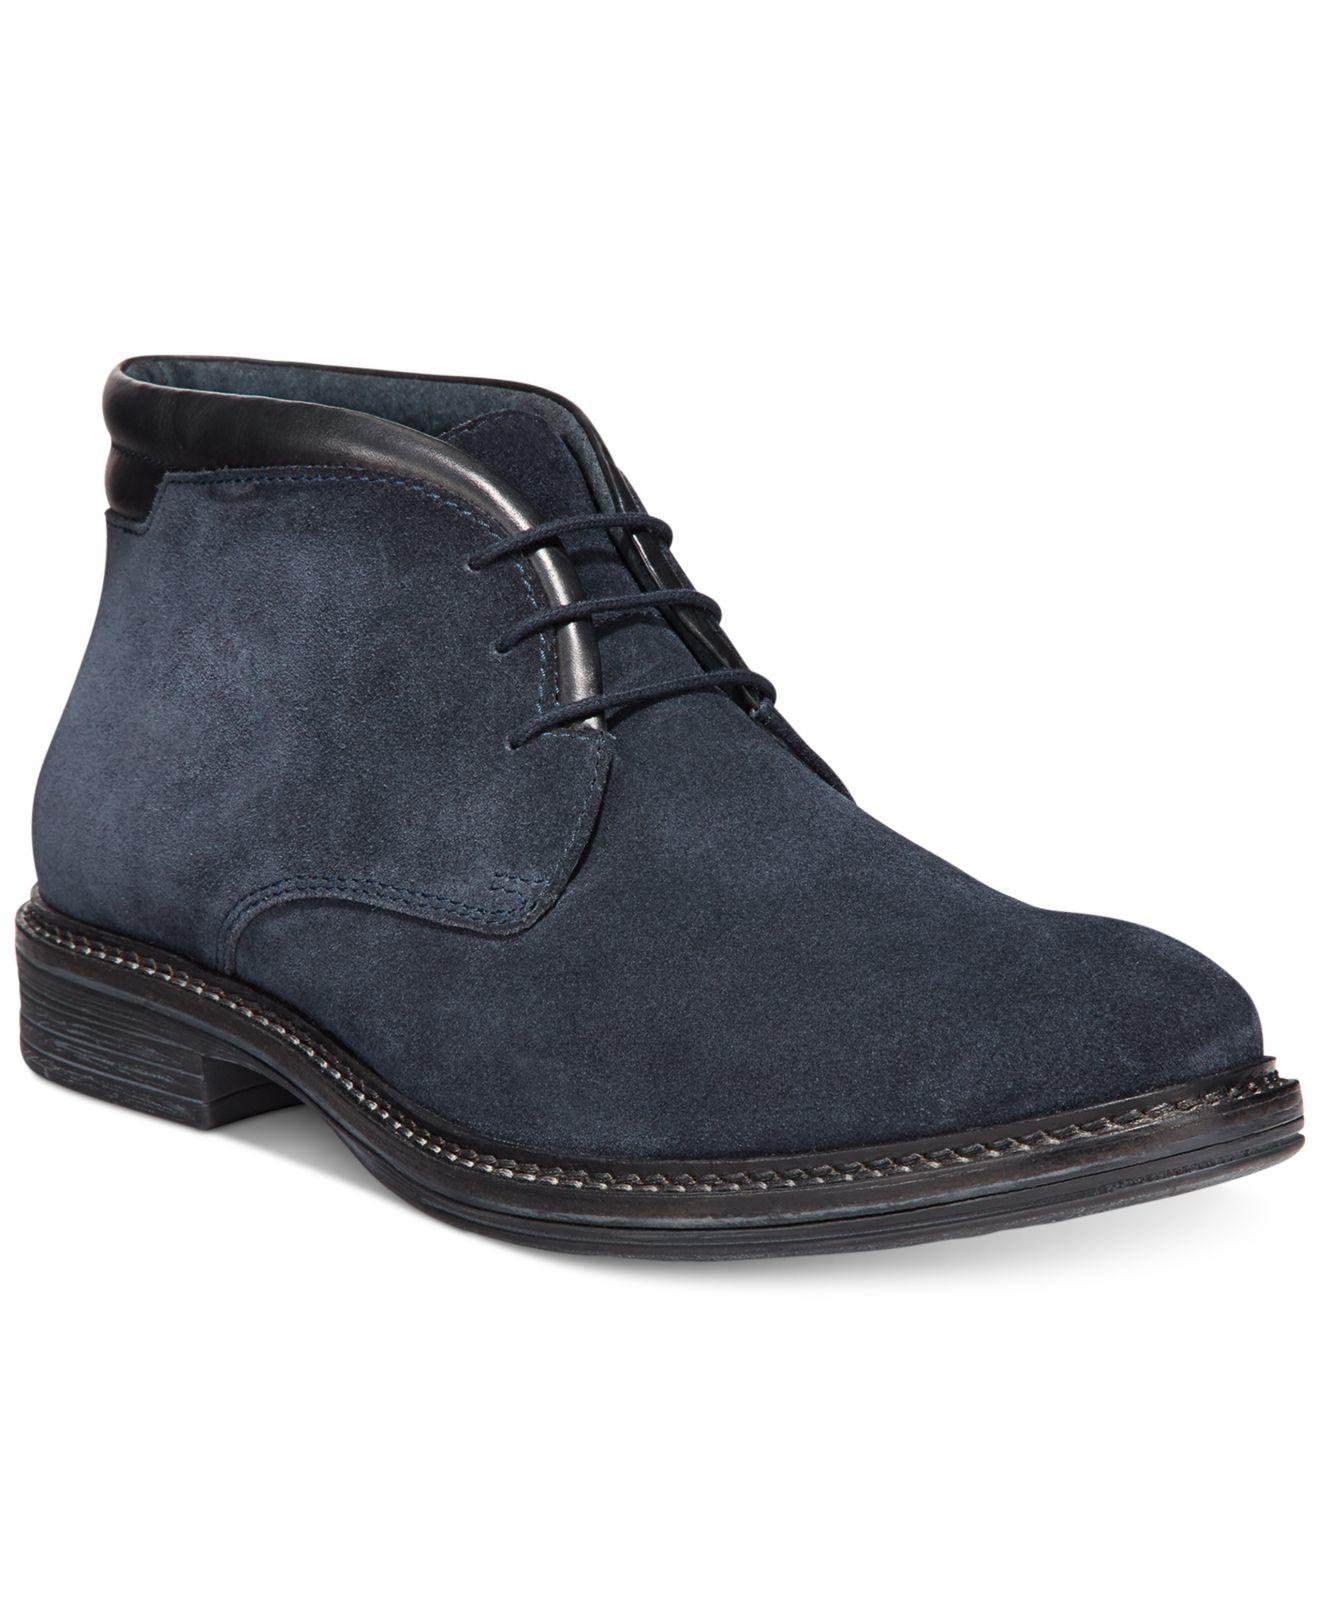 alfani s gavin collar chukka boots only at macy s in